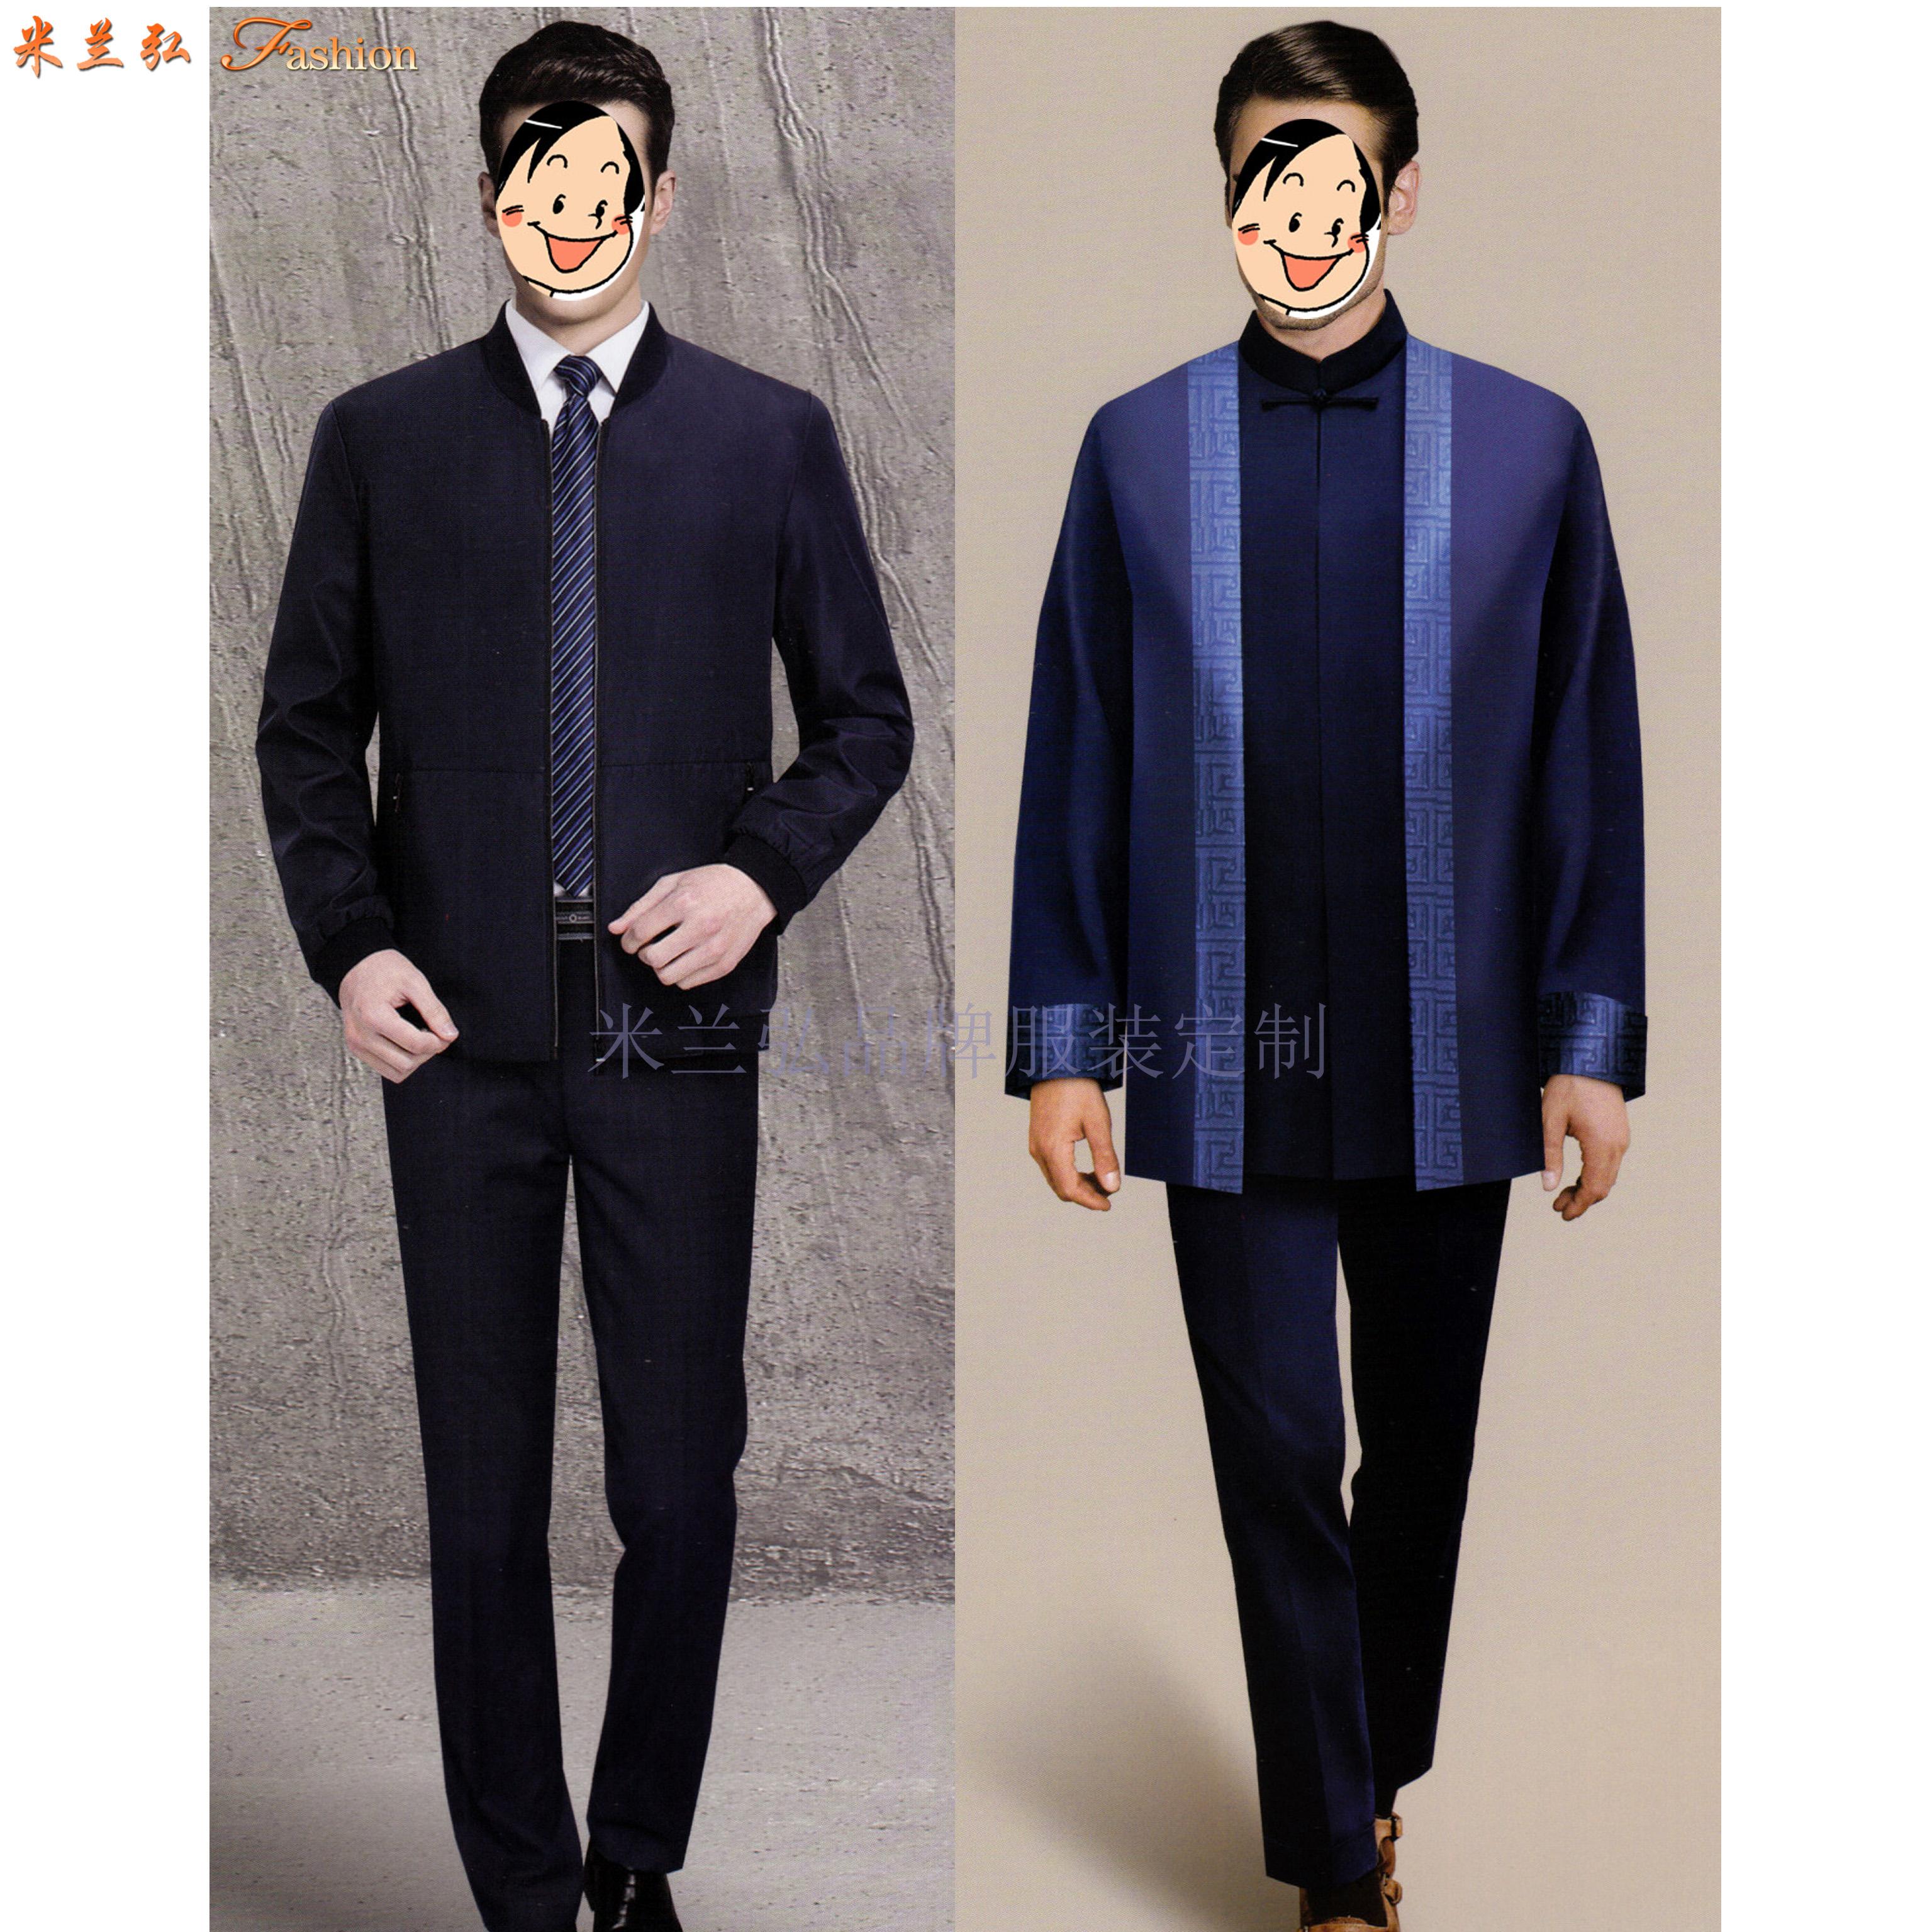 商務夾克定制-定做藏藍色羊毛正裝夾克-米蘭弘服裝-2